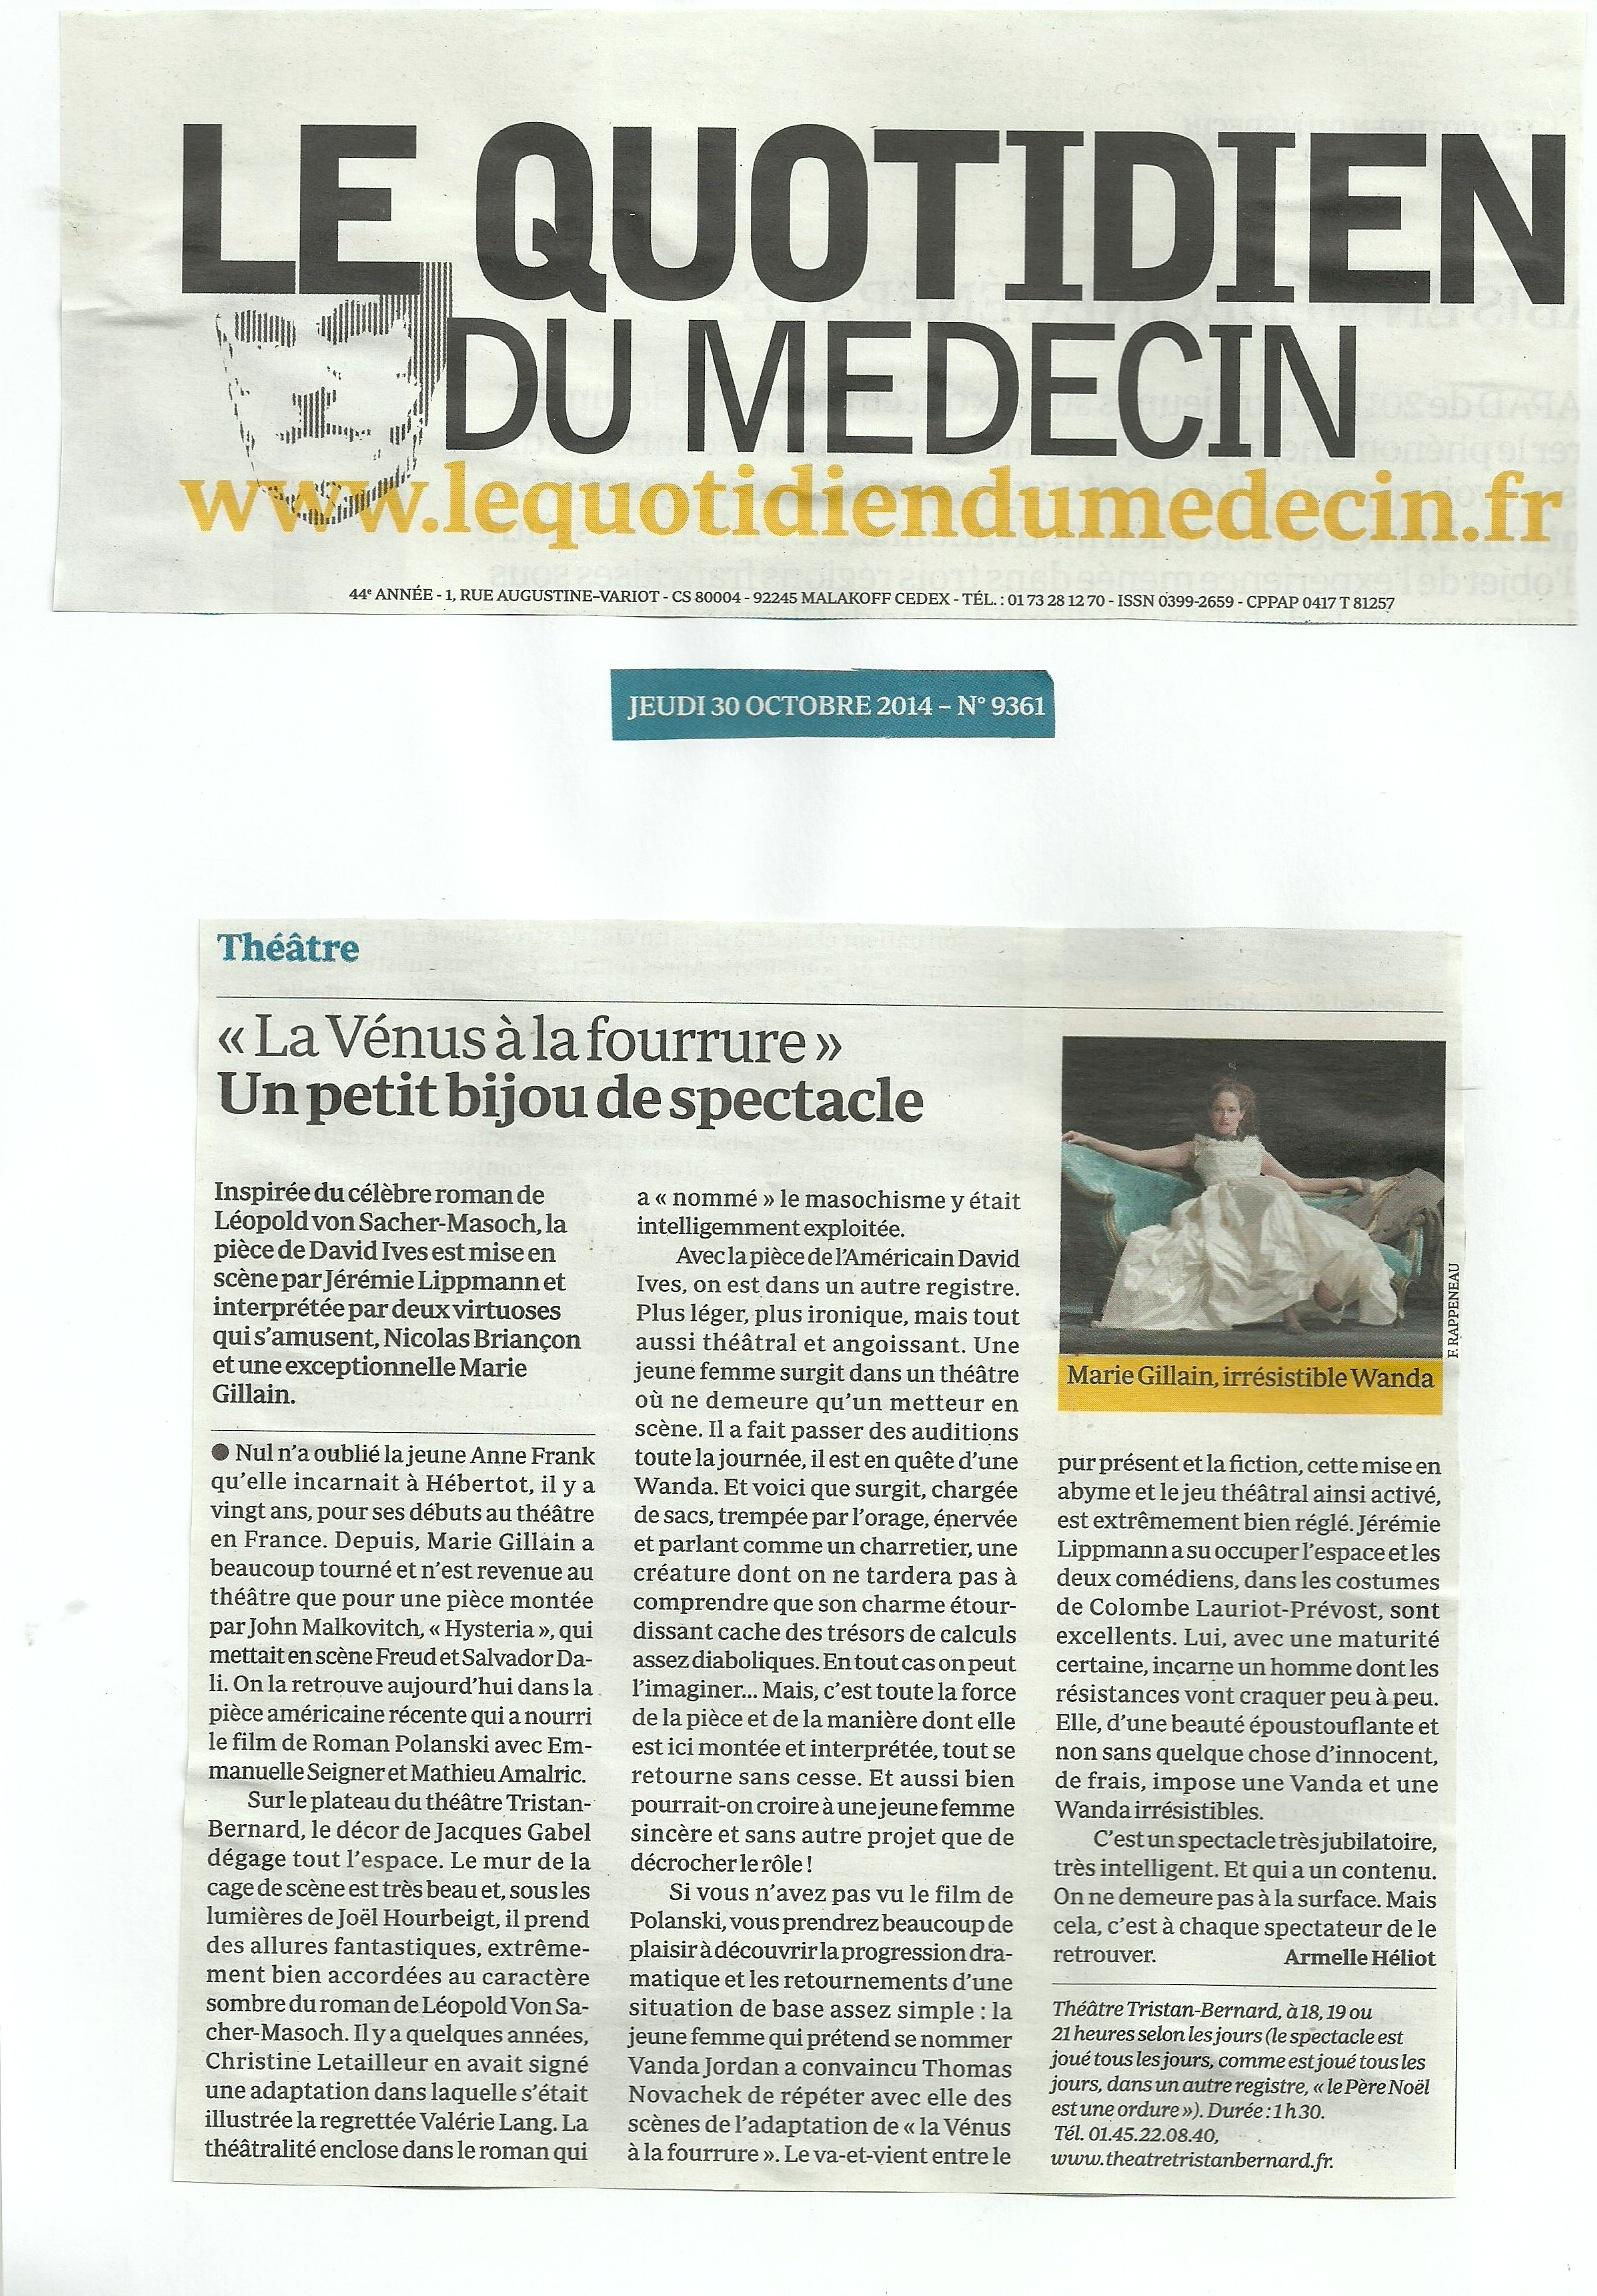 Le Quotidien du Médecin 30.10.14